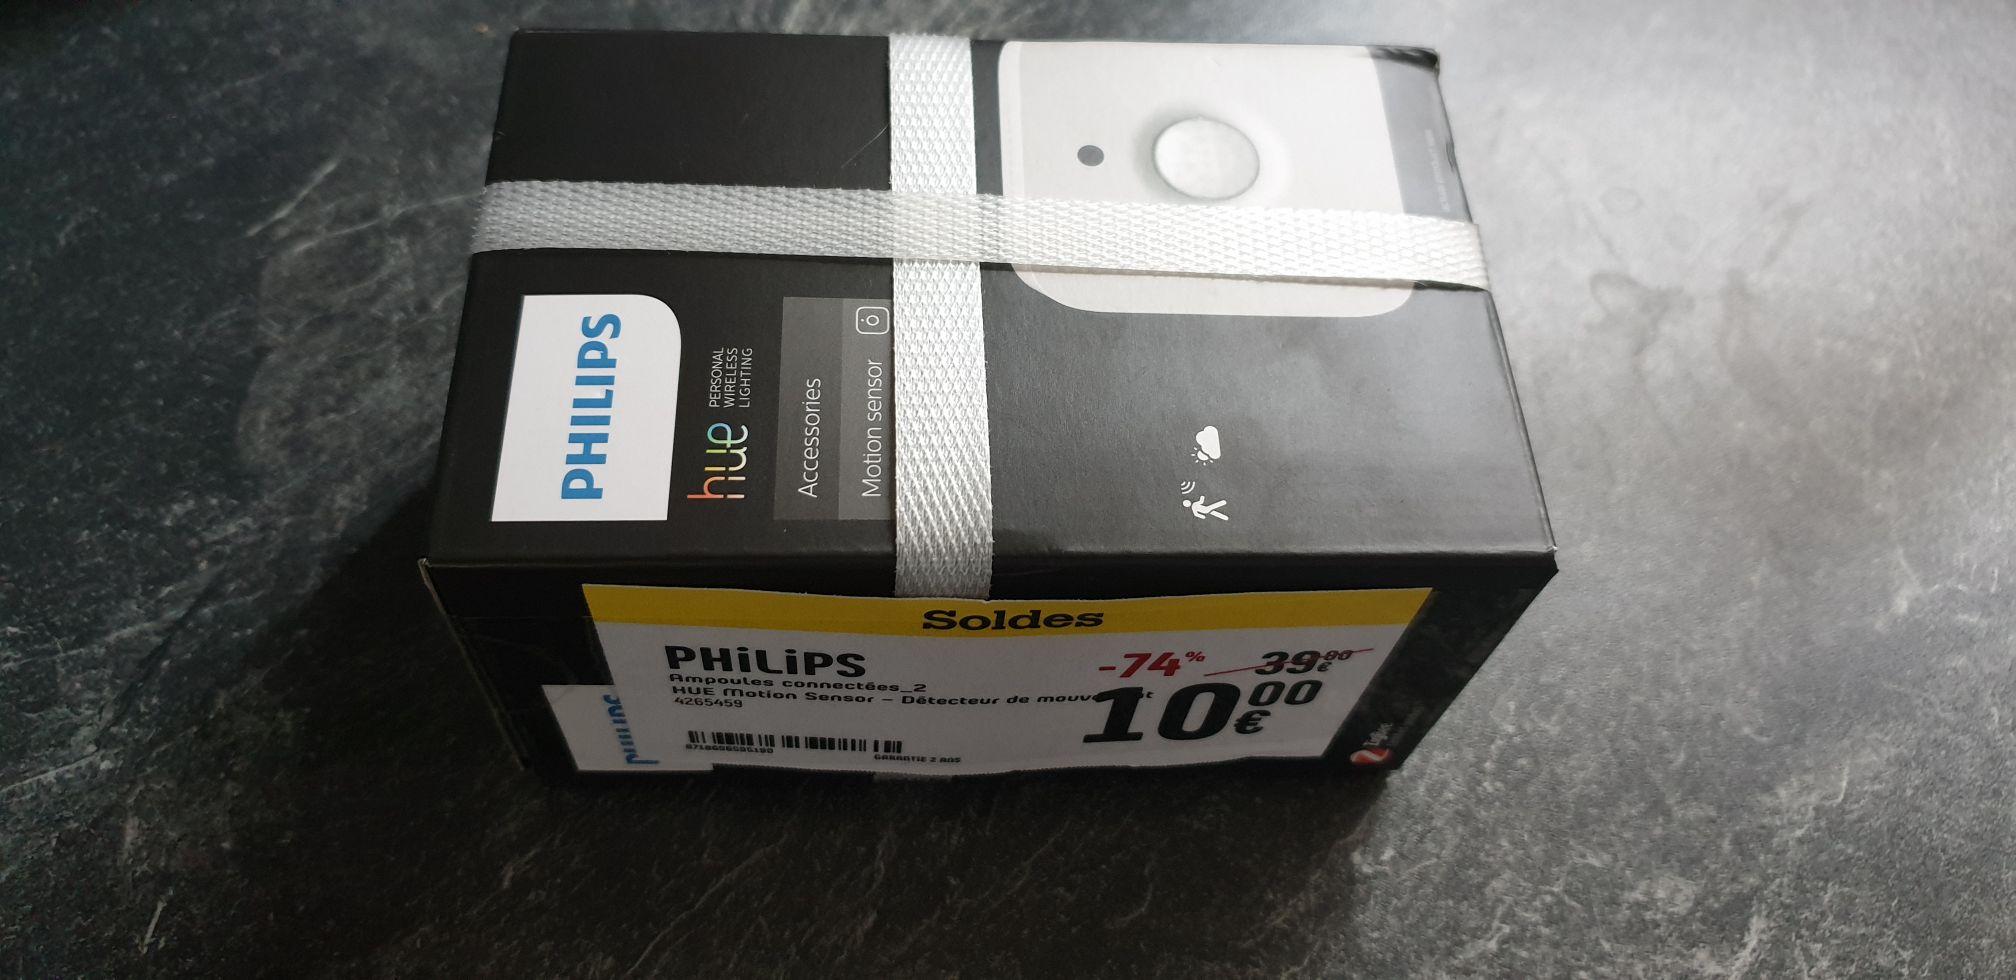 Détecteur de mouvement Philips Motion Sensor - Solde- Portet su Garonne (31)